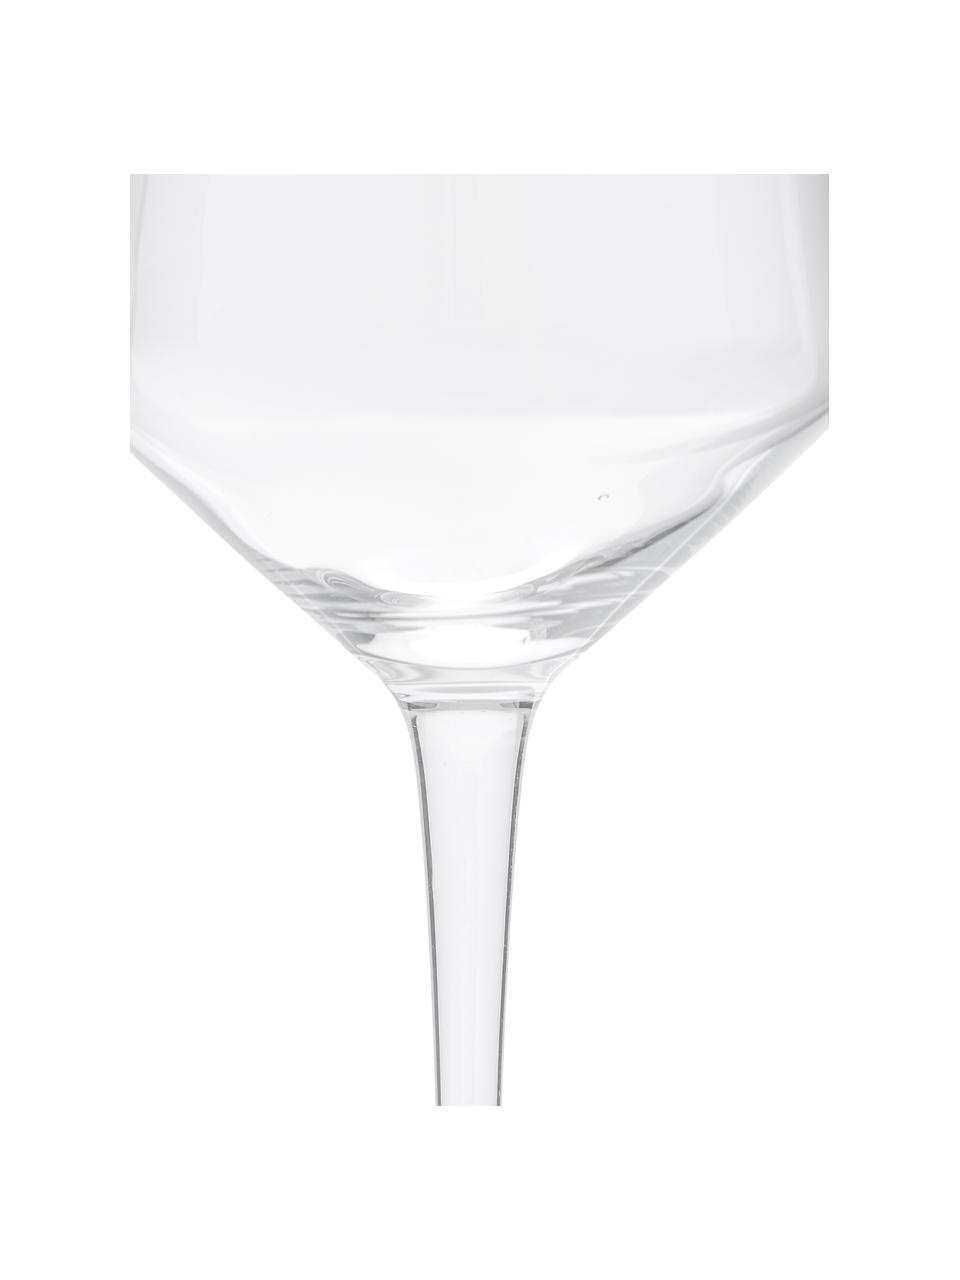 Verre à vin blanc soufflé bouche Ays, 4pièces, Transparent